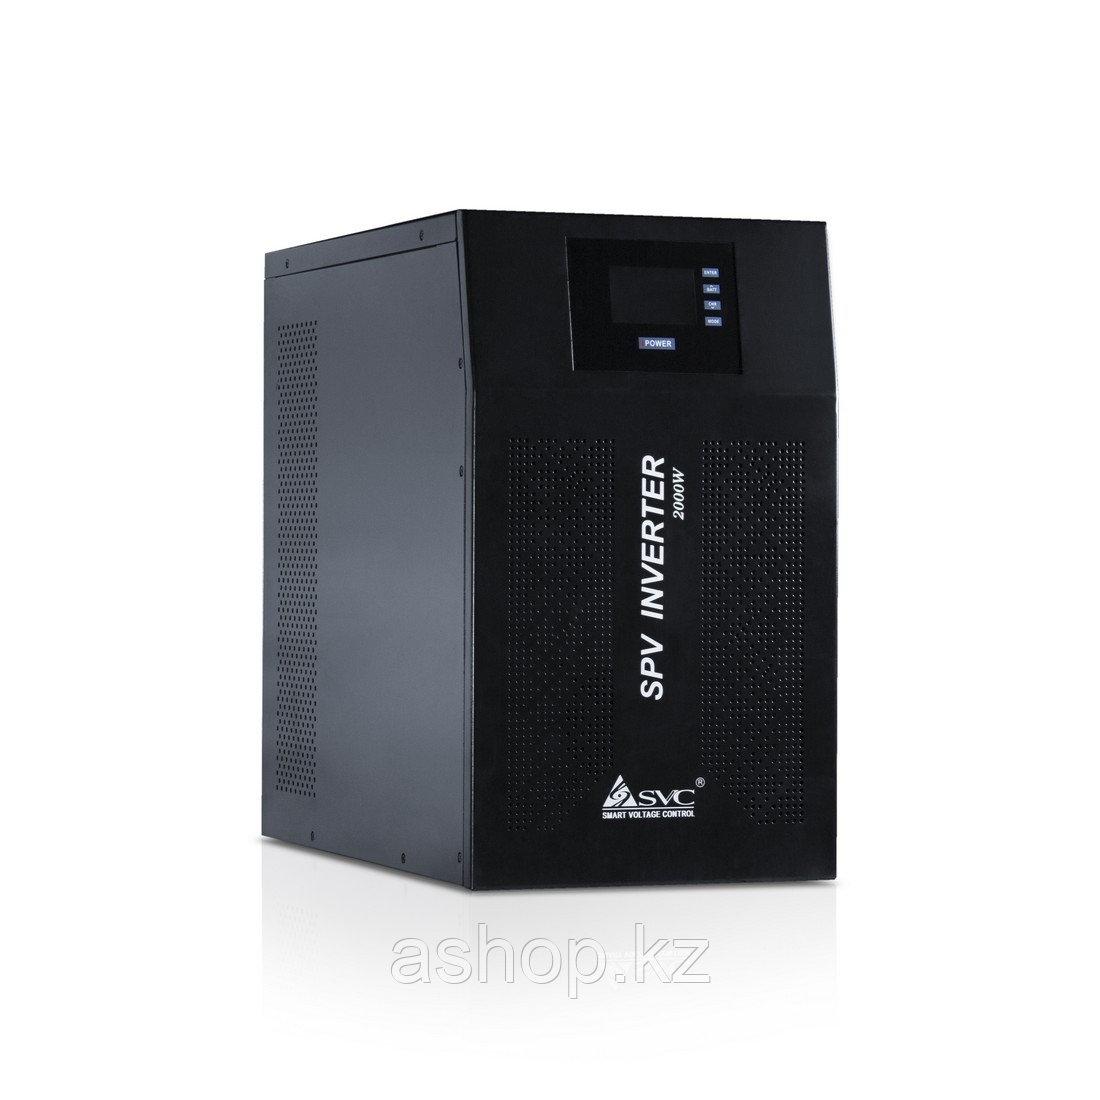 Инвертор SPV SPV-L-4000, Мощность нагрузки: 4 кВА, Питание: 220 В, 50 Гц, Выход: 220 В, Розетка Schuko *2 шт +